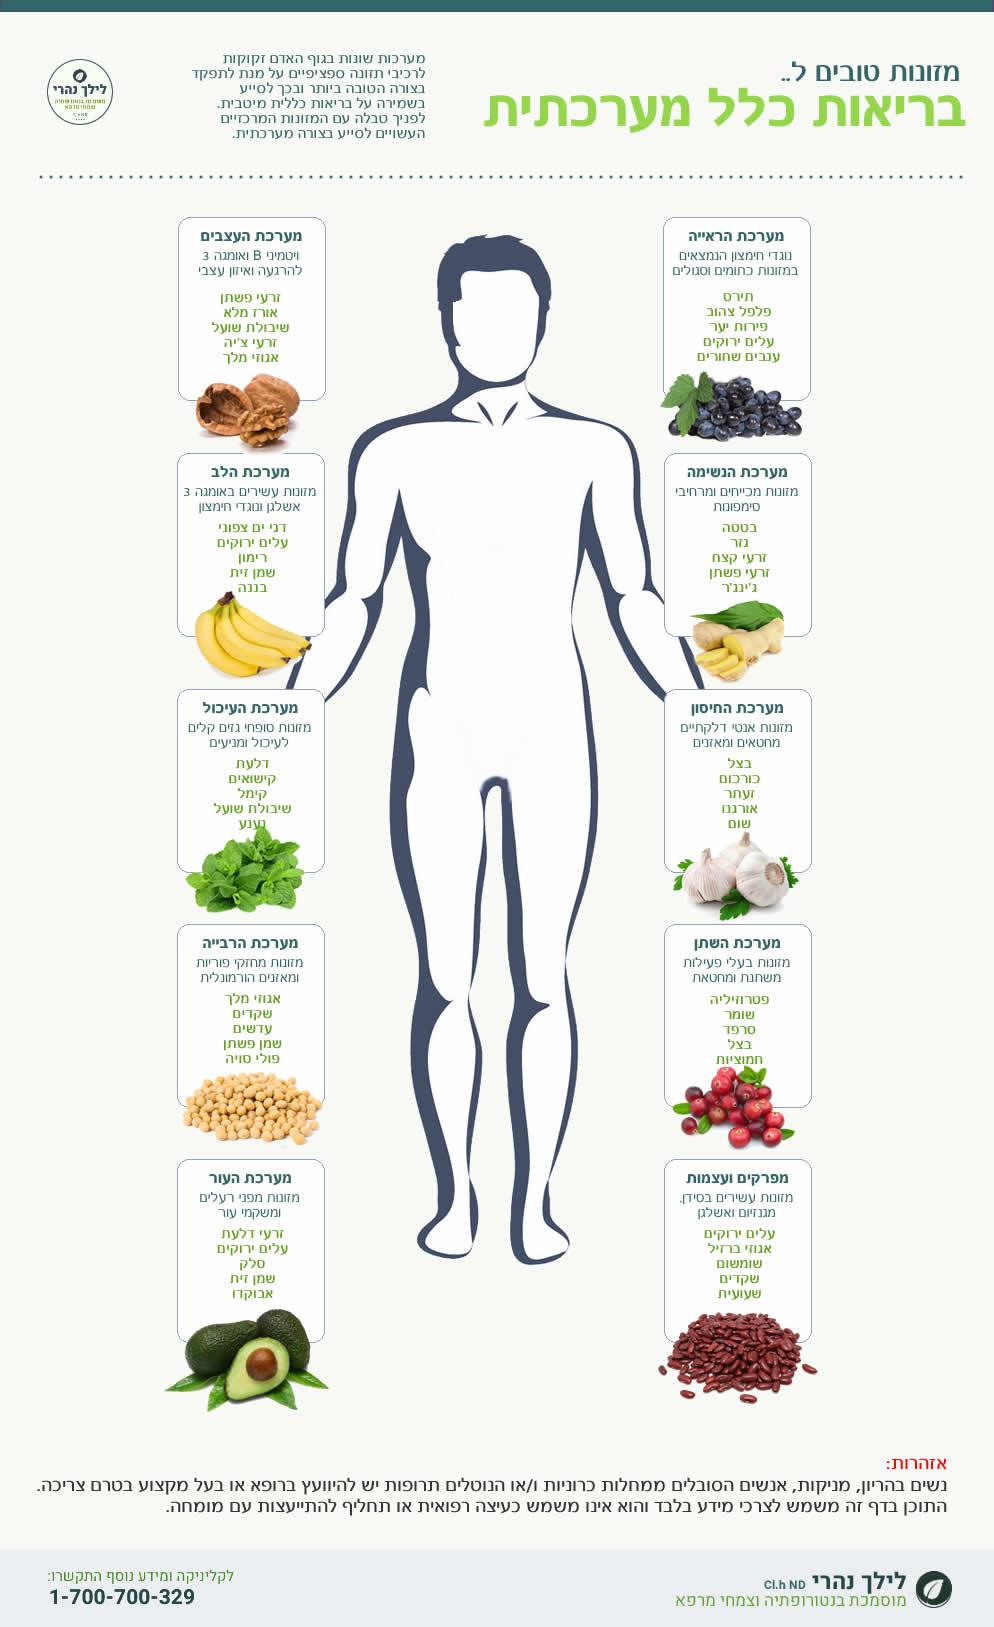 בריאות מערכתית